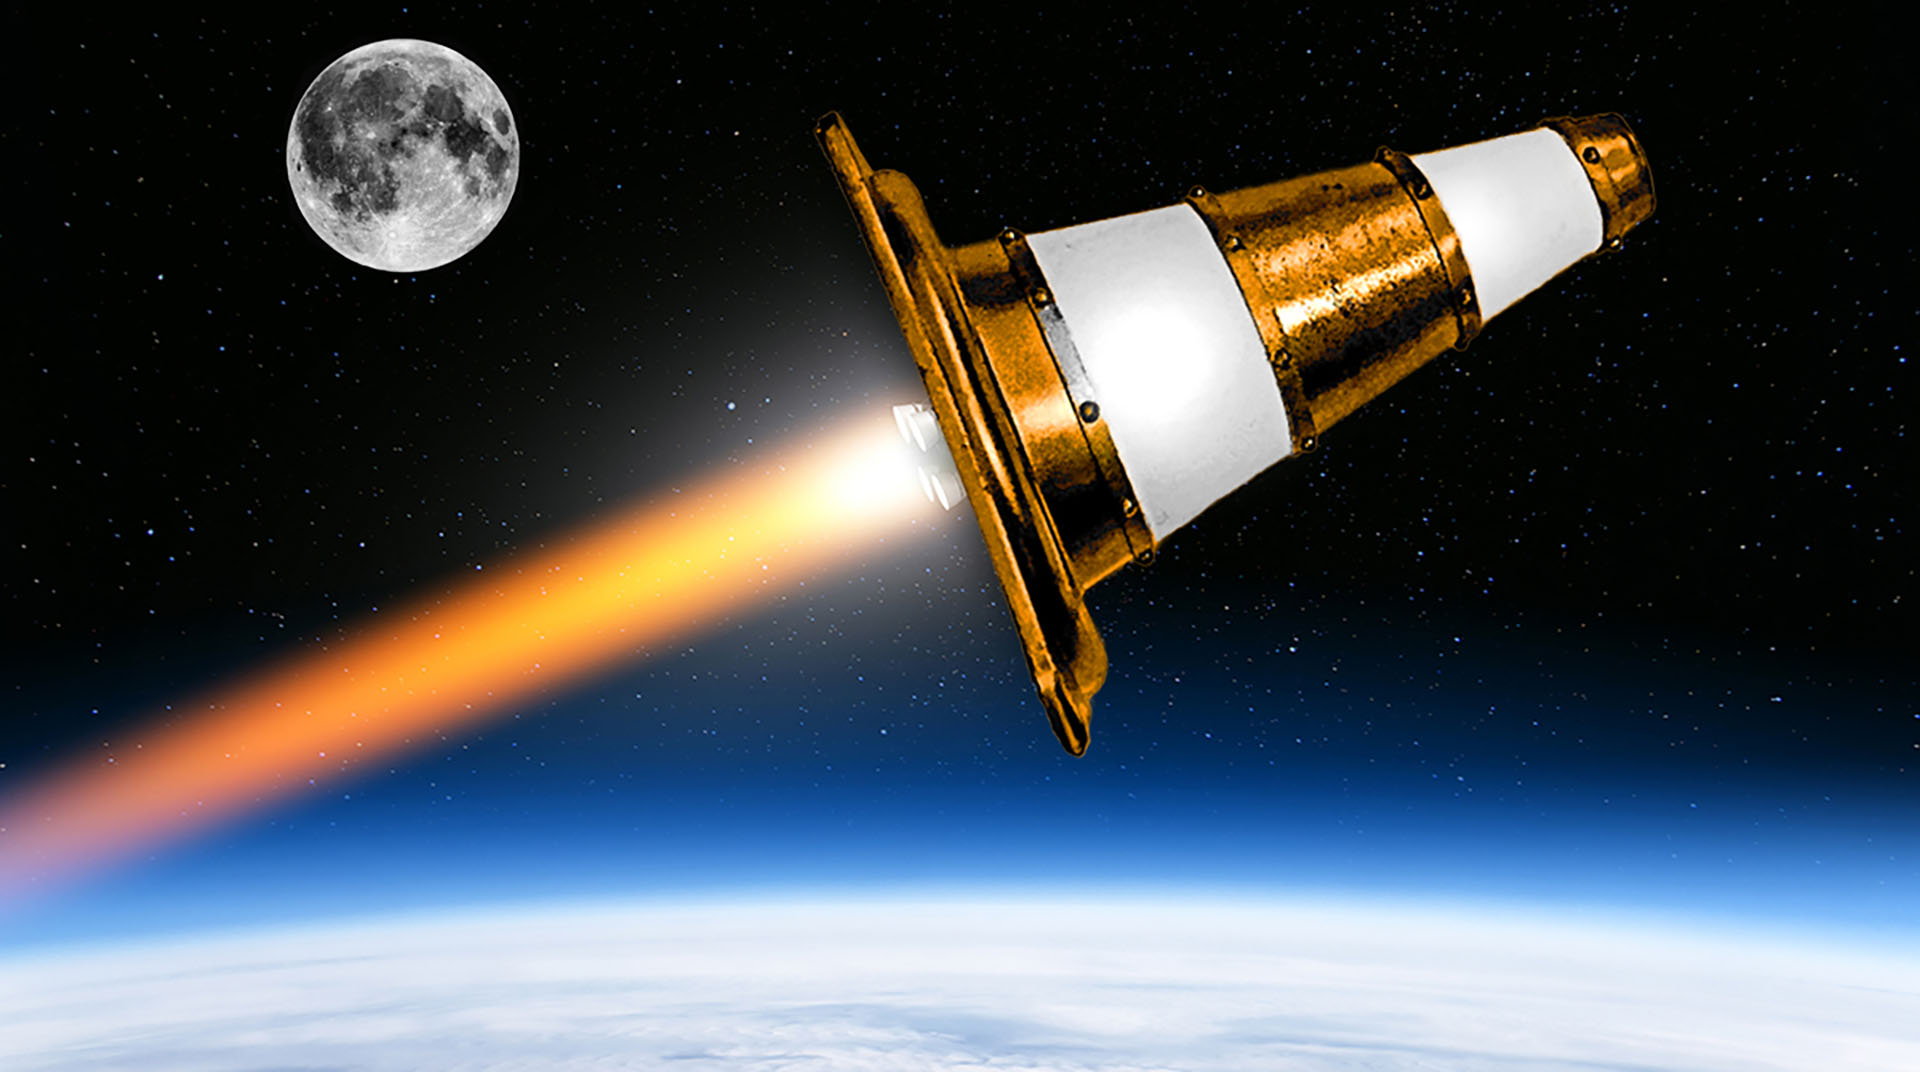 Pourquoi VLC va envoyer un faux cône de chantier sur la Lune - Numerama